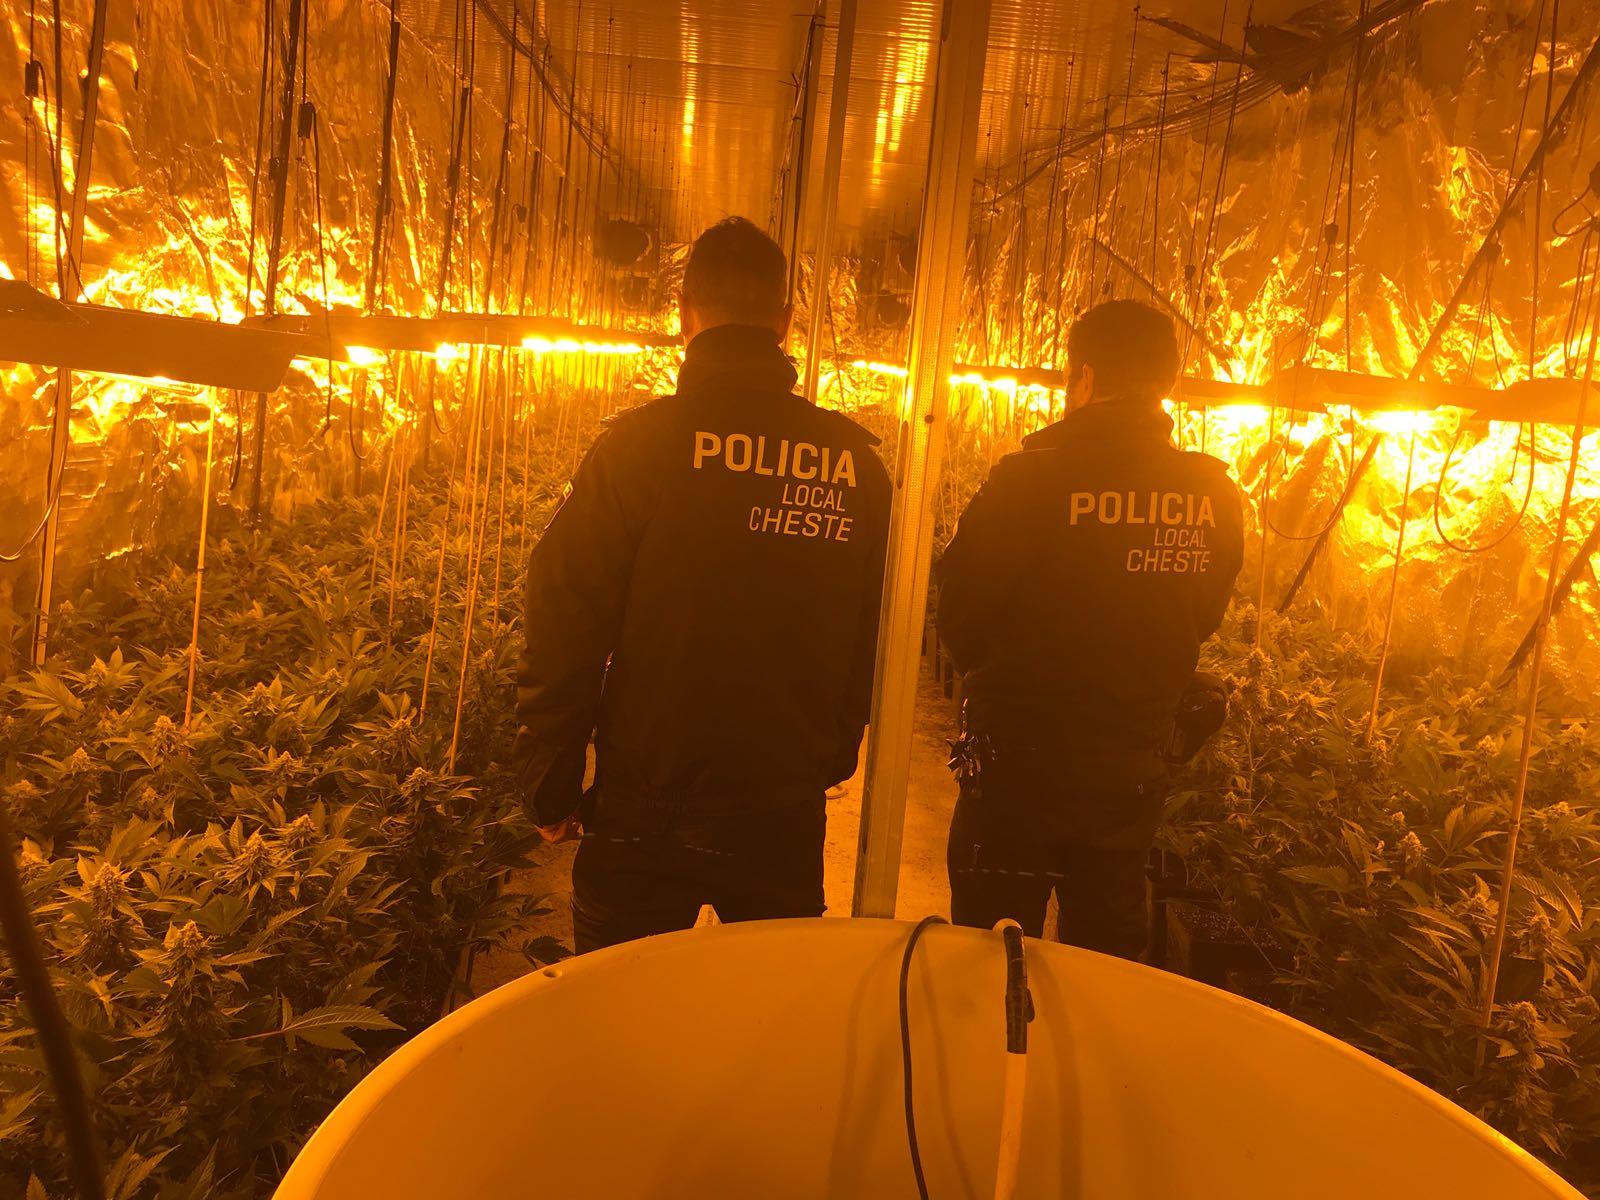 La Policía Local iba acompañada de los guardas rurales de Cheste mientras realizaba esta inspección rutinaria.